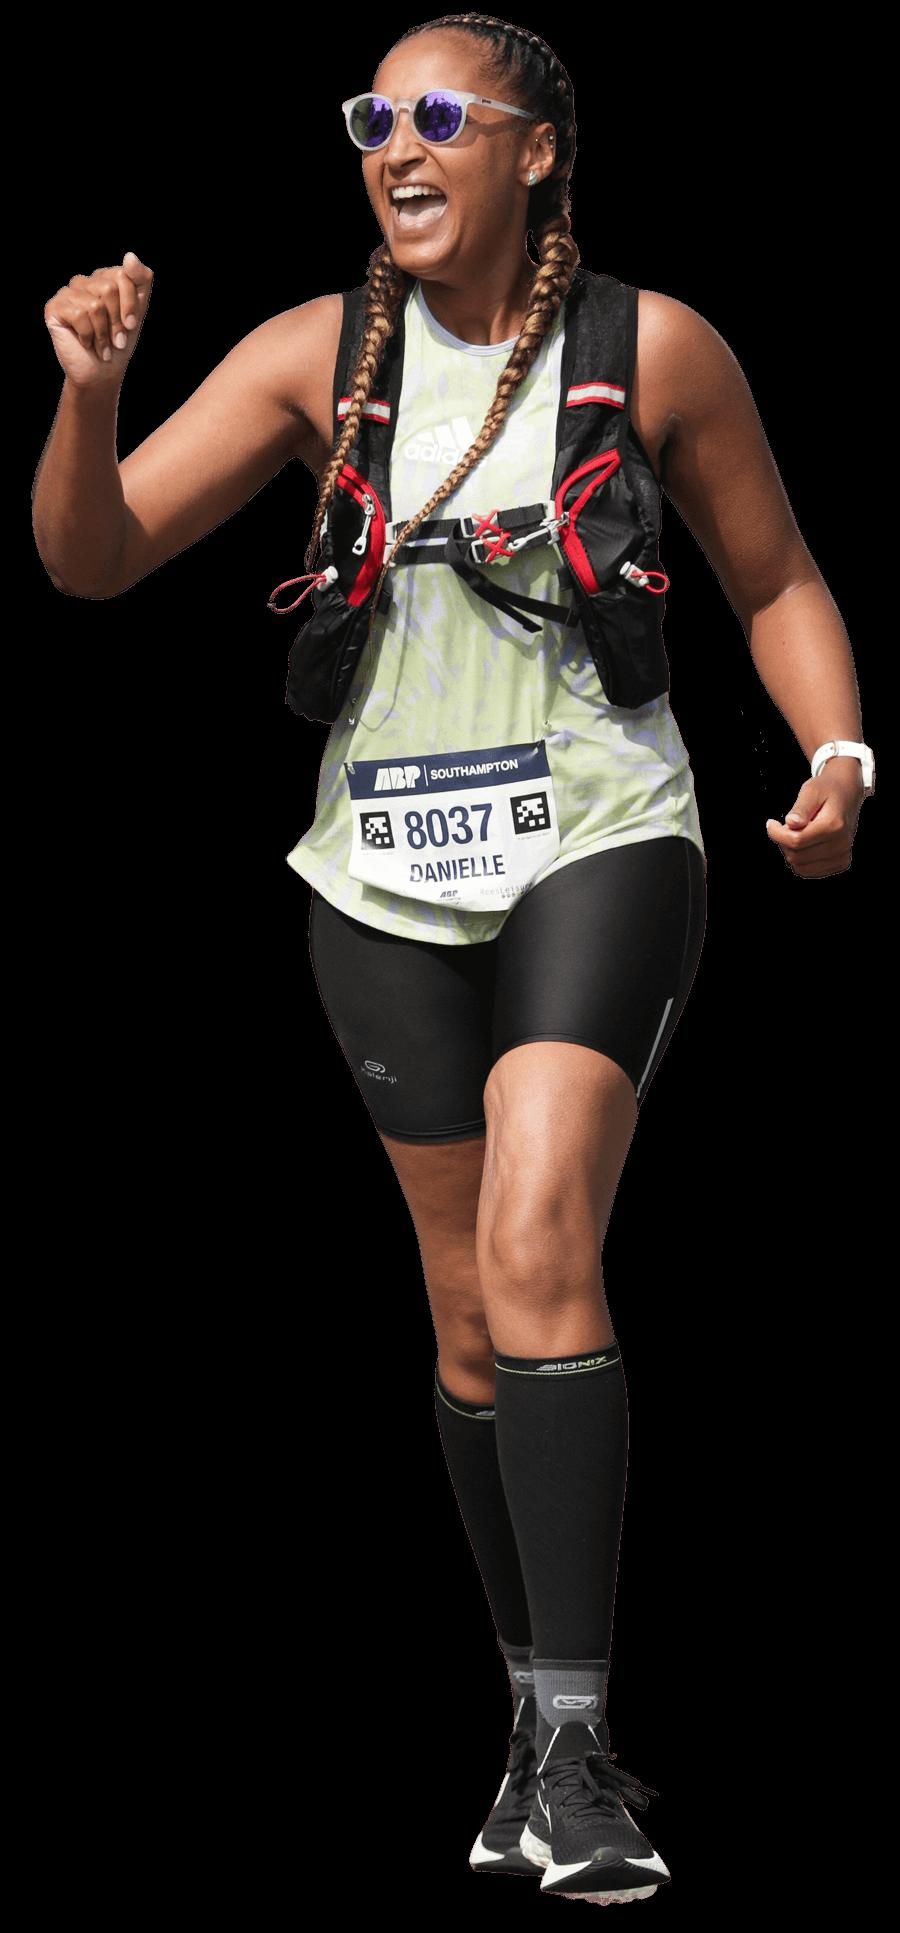 Female runner running 36.2 miles marathon